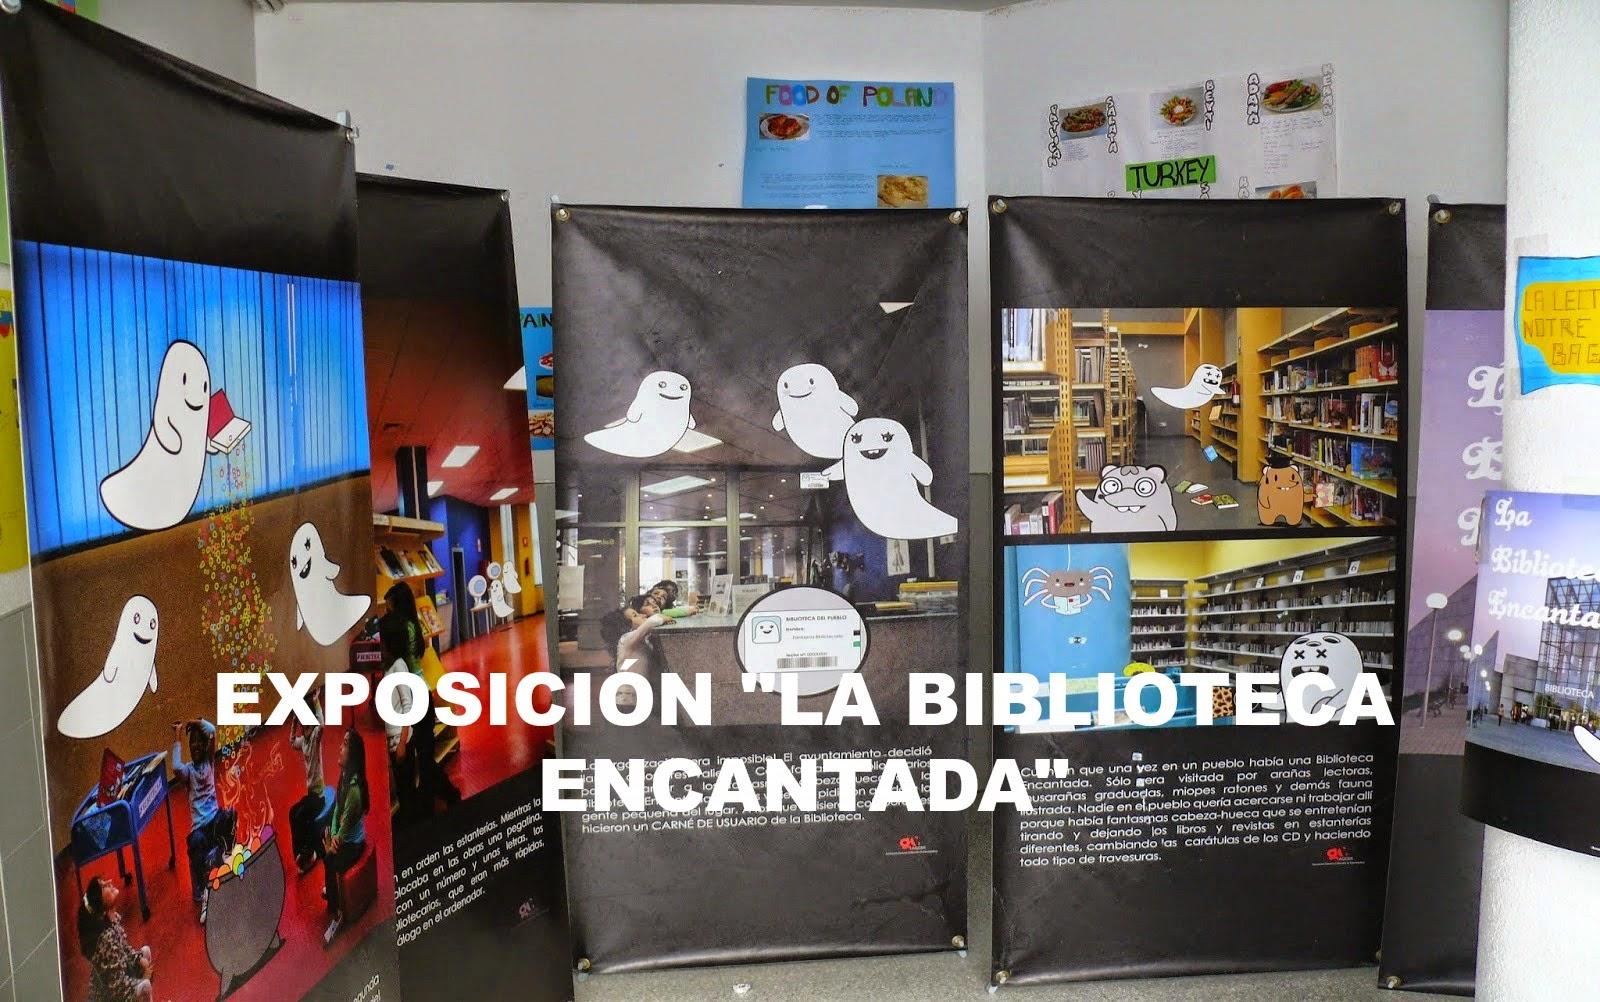 http://blogfuenteroniel.blogspot.com.es/2015/04/conoce-la-biblioteca-encantada-del-ies.html